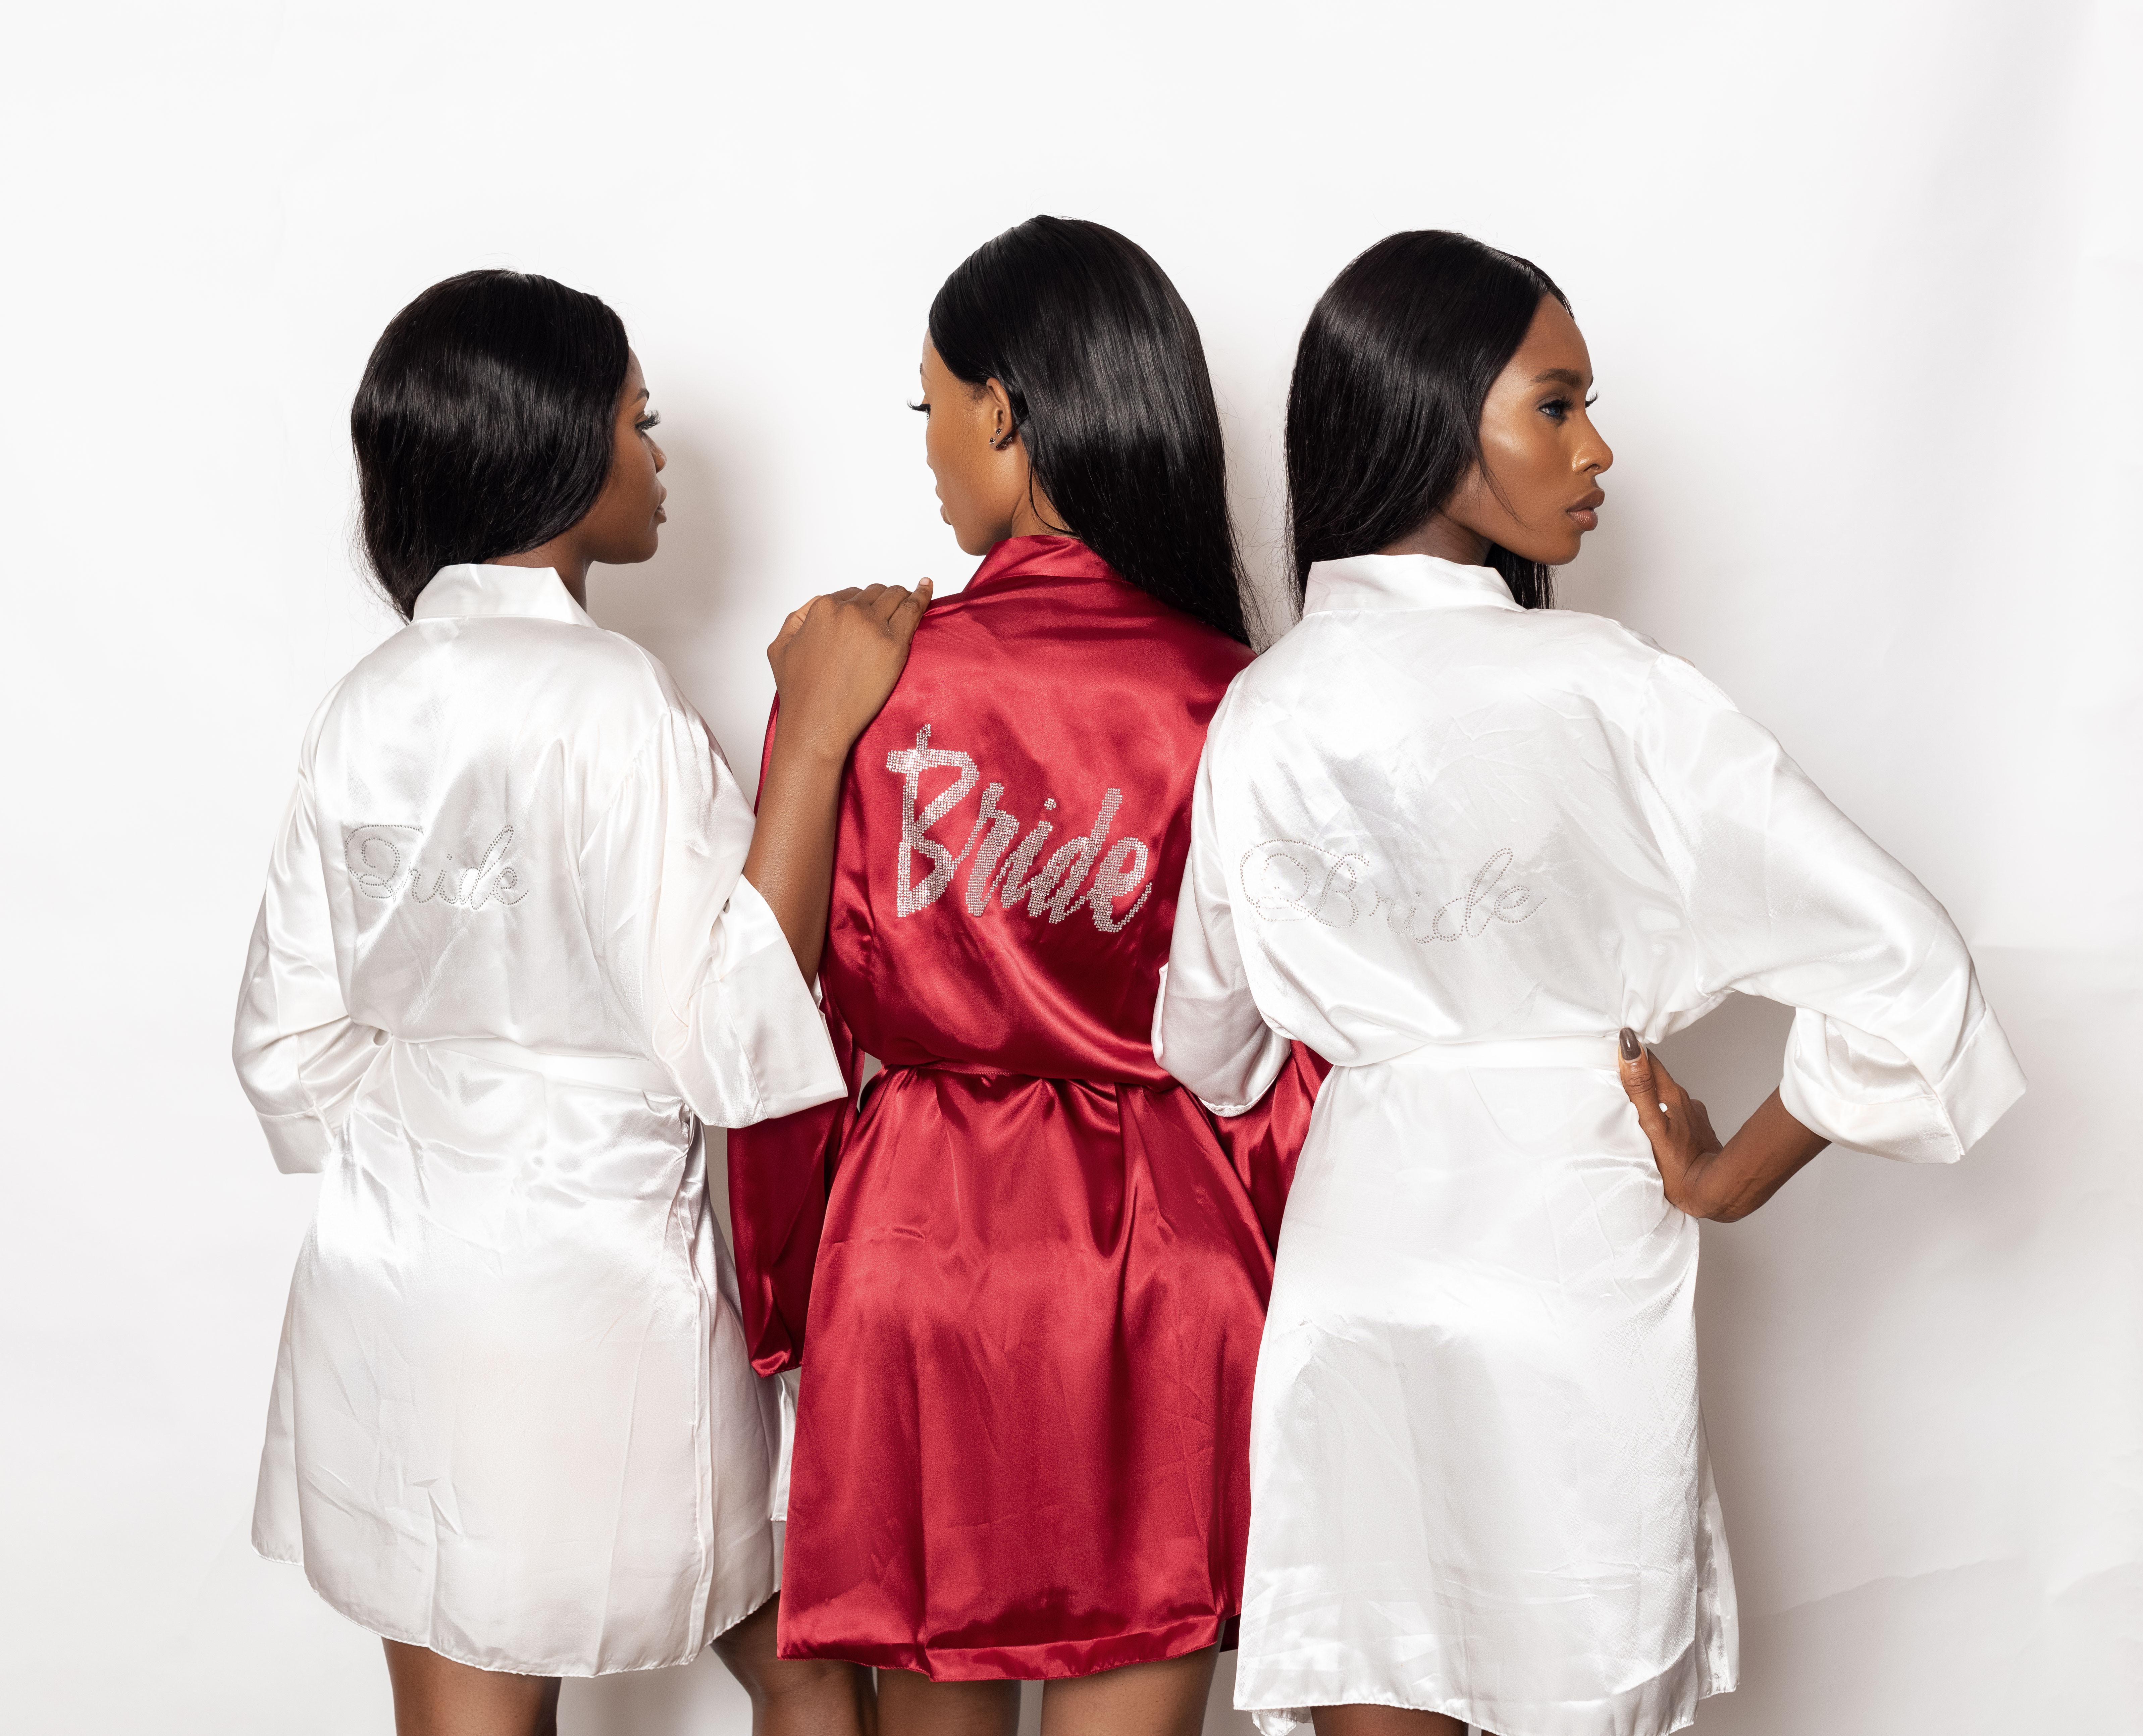 Lilian Afegbai launches Lingerie Line - Lilys Secret